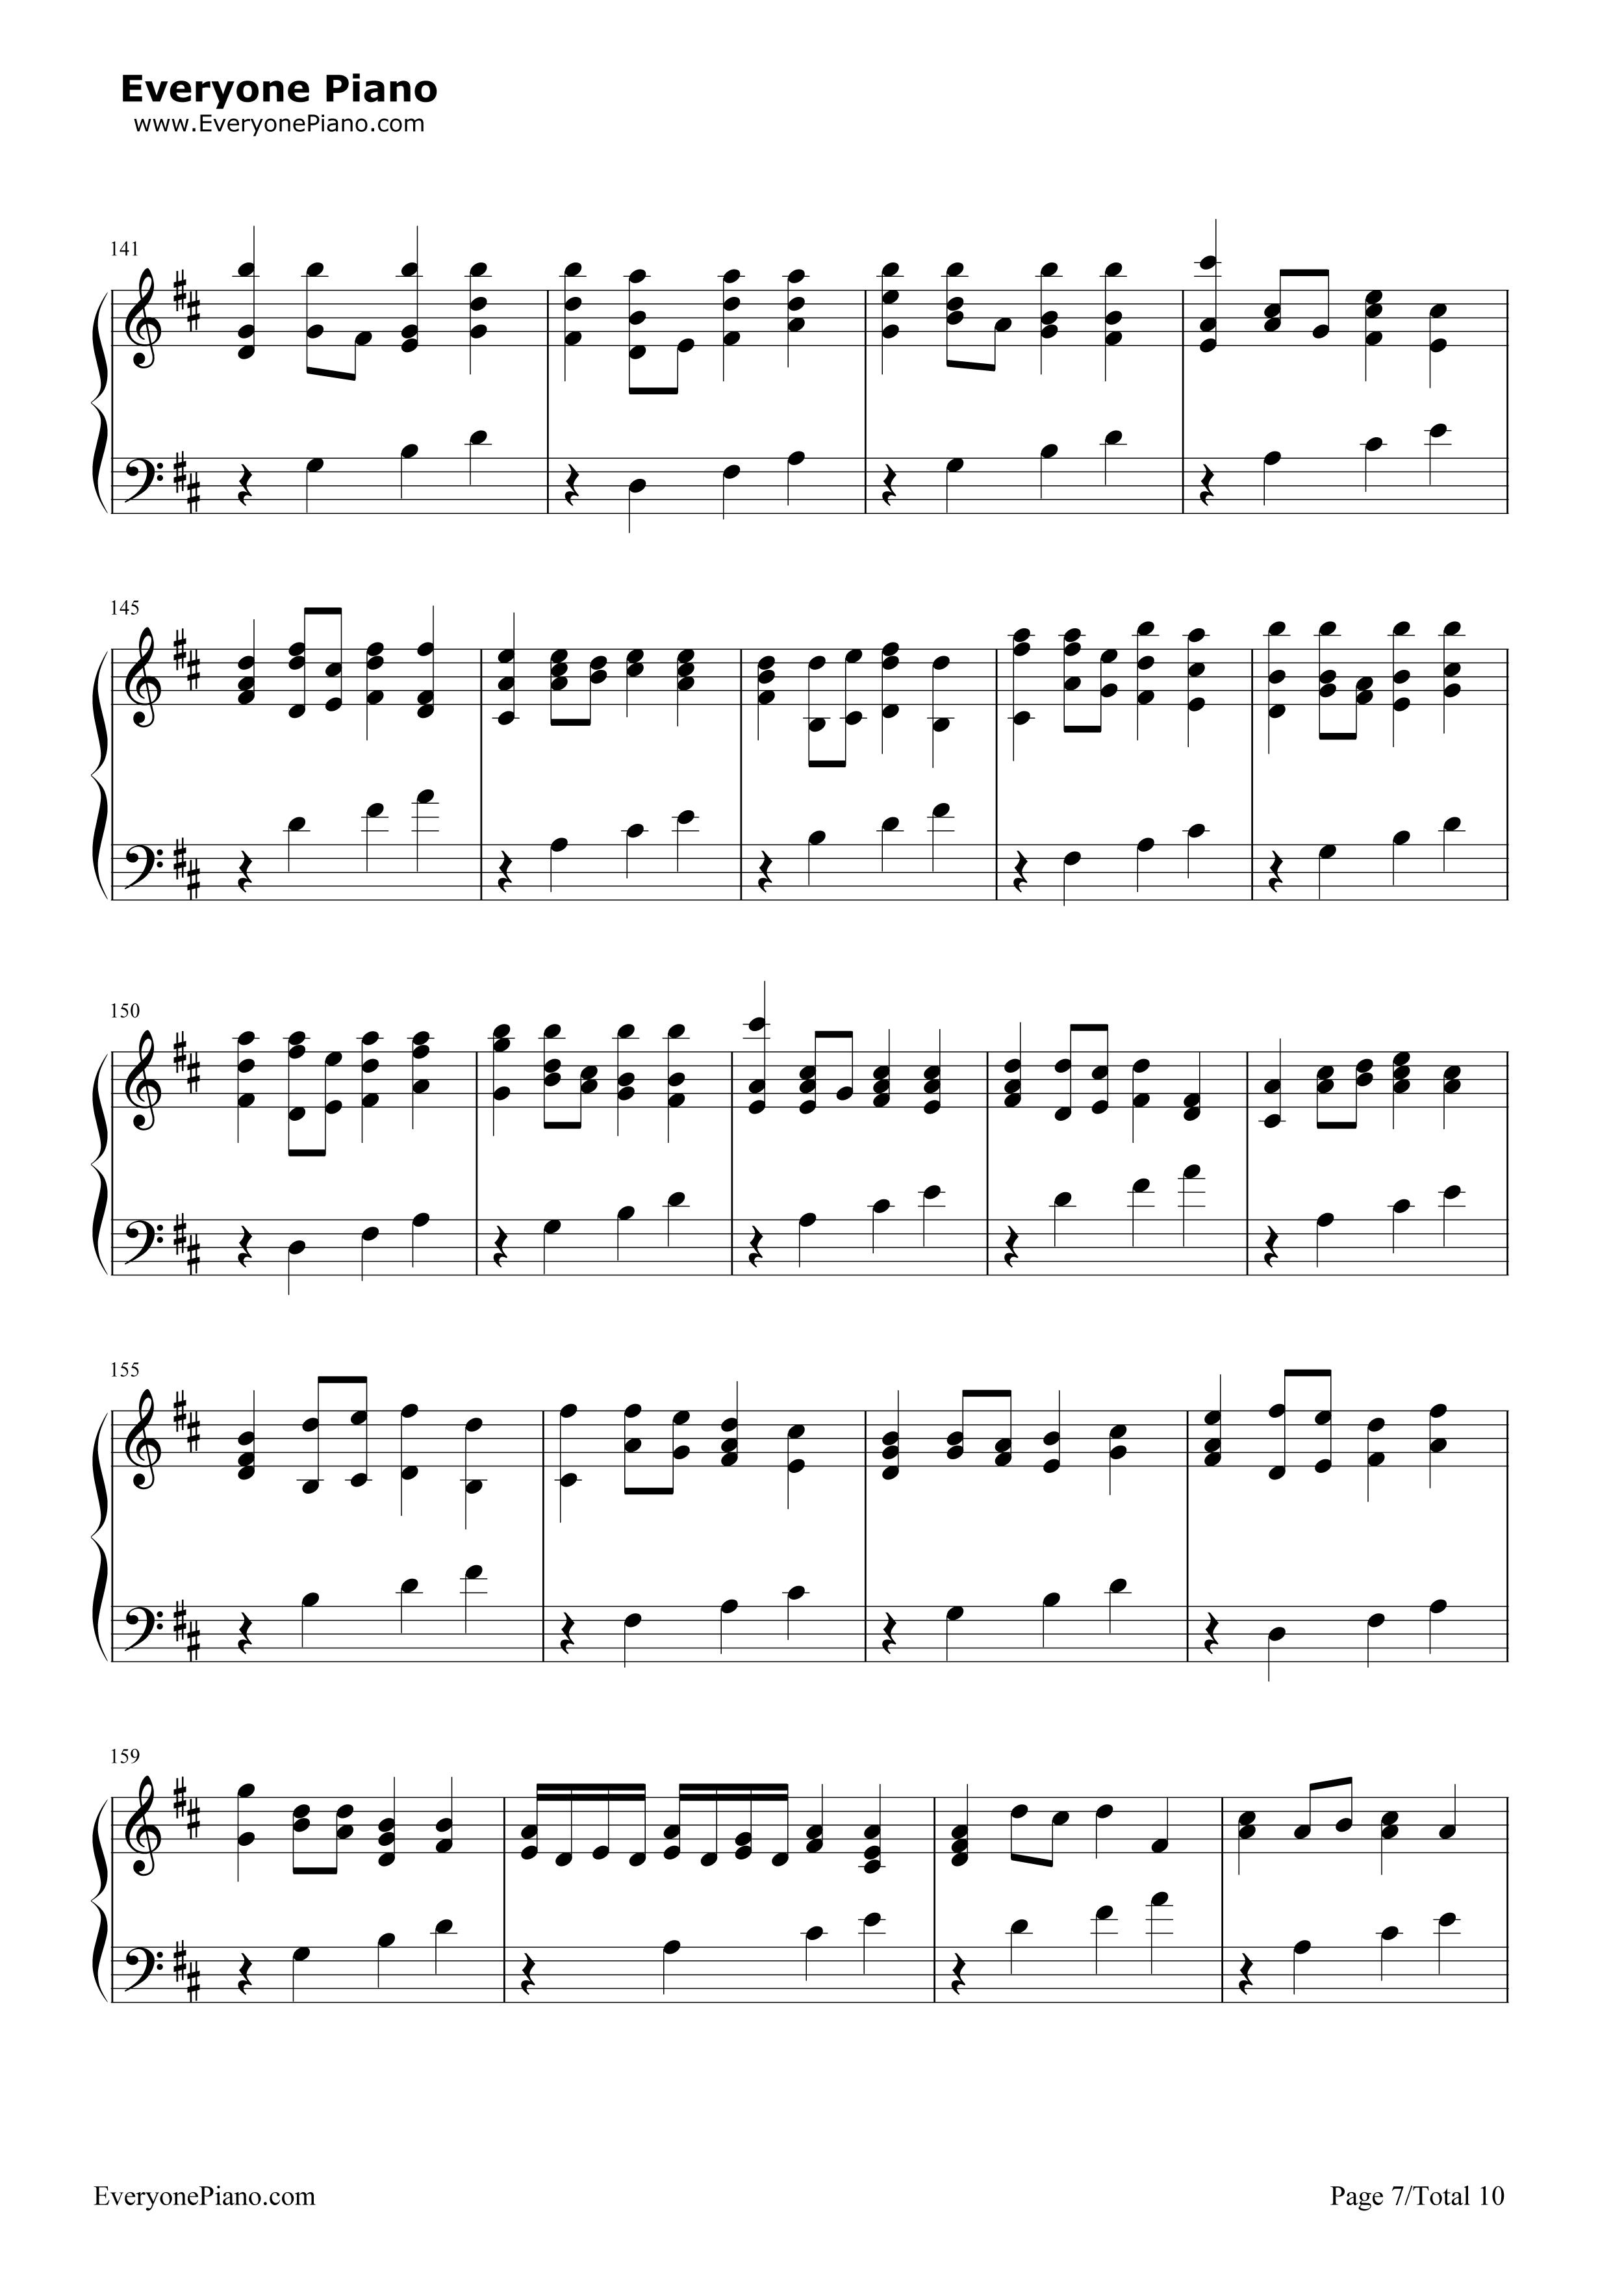 7-钢琴谱(五线谱,双手简谱)免费下载; 卡农钢琴谱 虫虫图片分享下载;